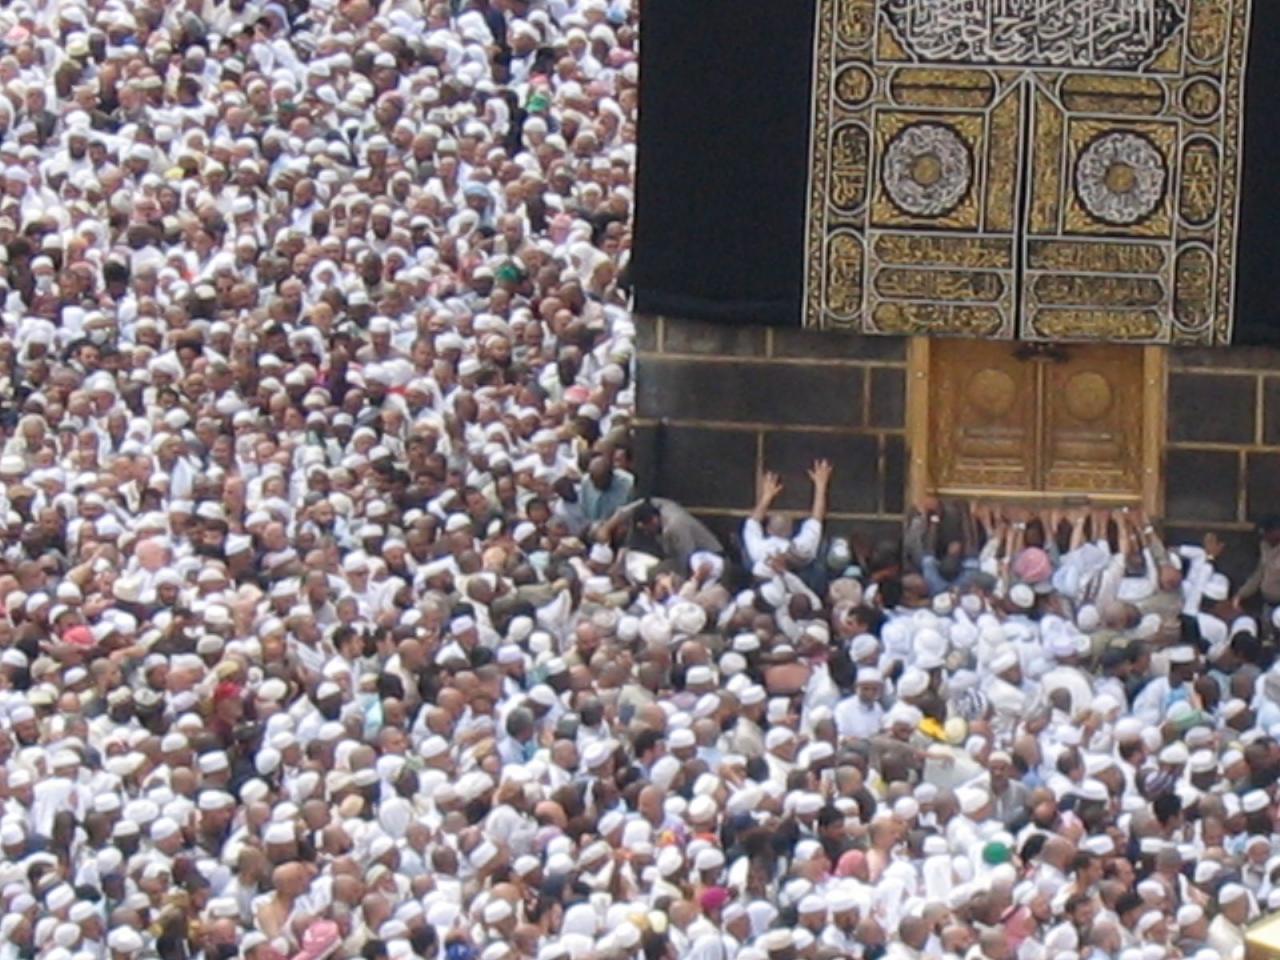 صورة دعاء رجوع الحاج , دعاء رجوع الشخص من الحج او العمرة